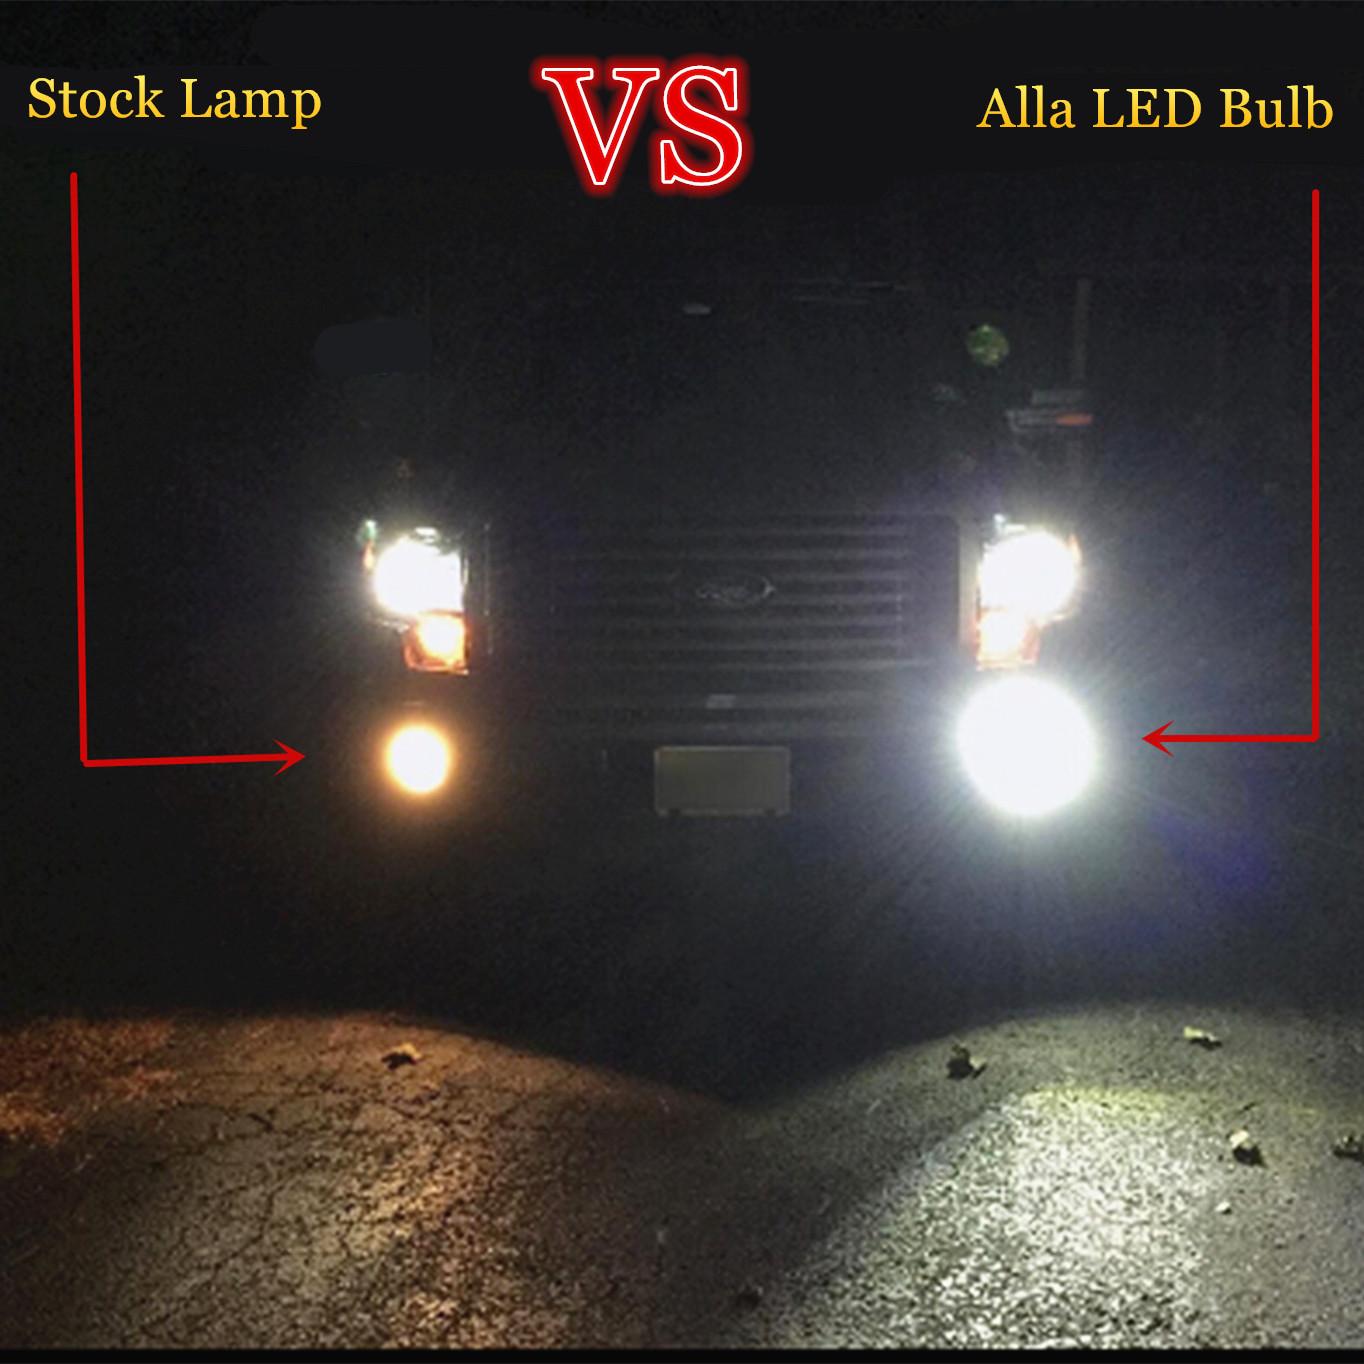 H28W-PSX26W-12278-LED-Bulbs-Fog-Lights-6K-White-vs-halogen-drl-Xenon